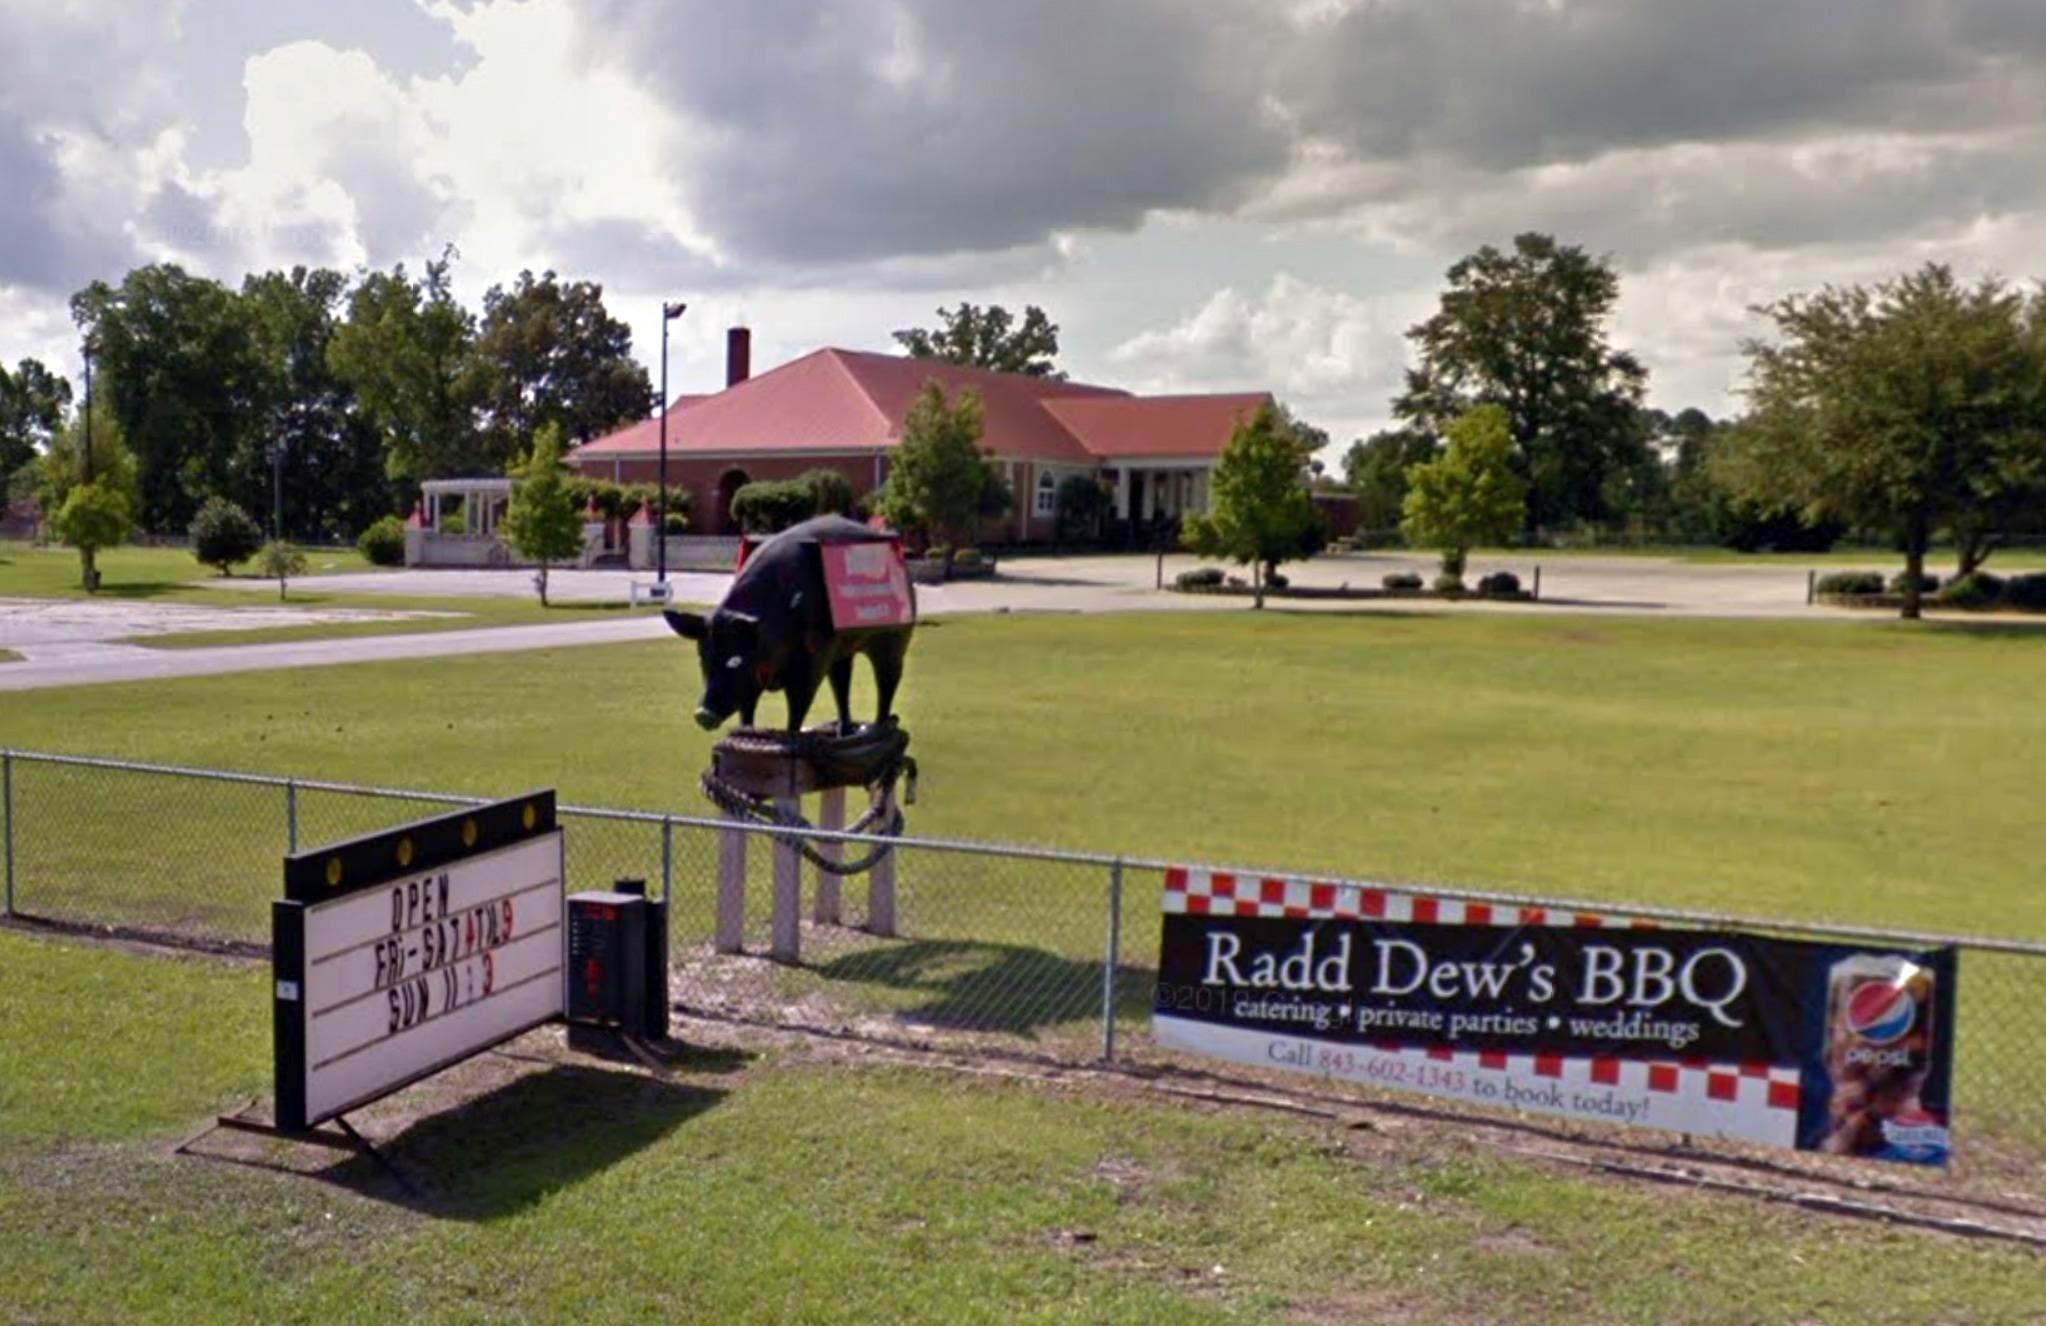 Radd Dew's Bar-B-Que Pit in Aynor, SC